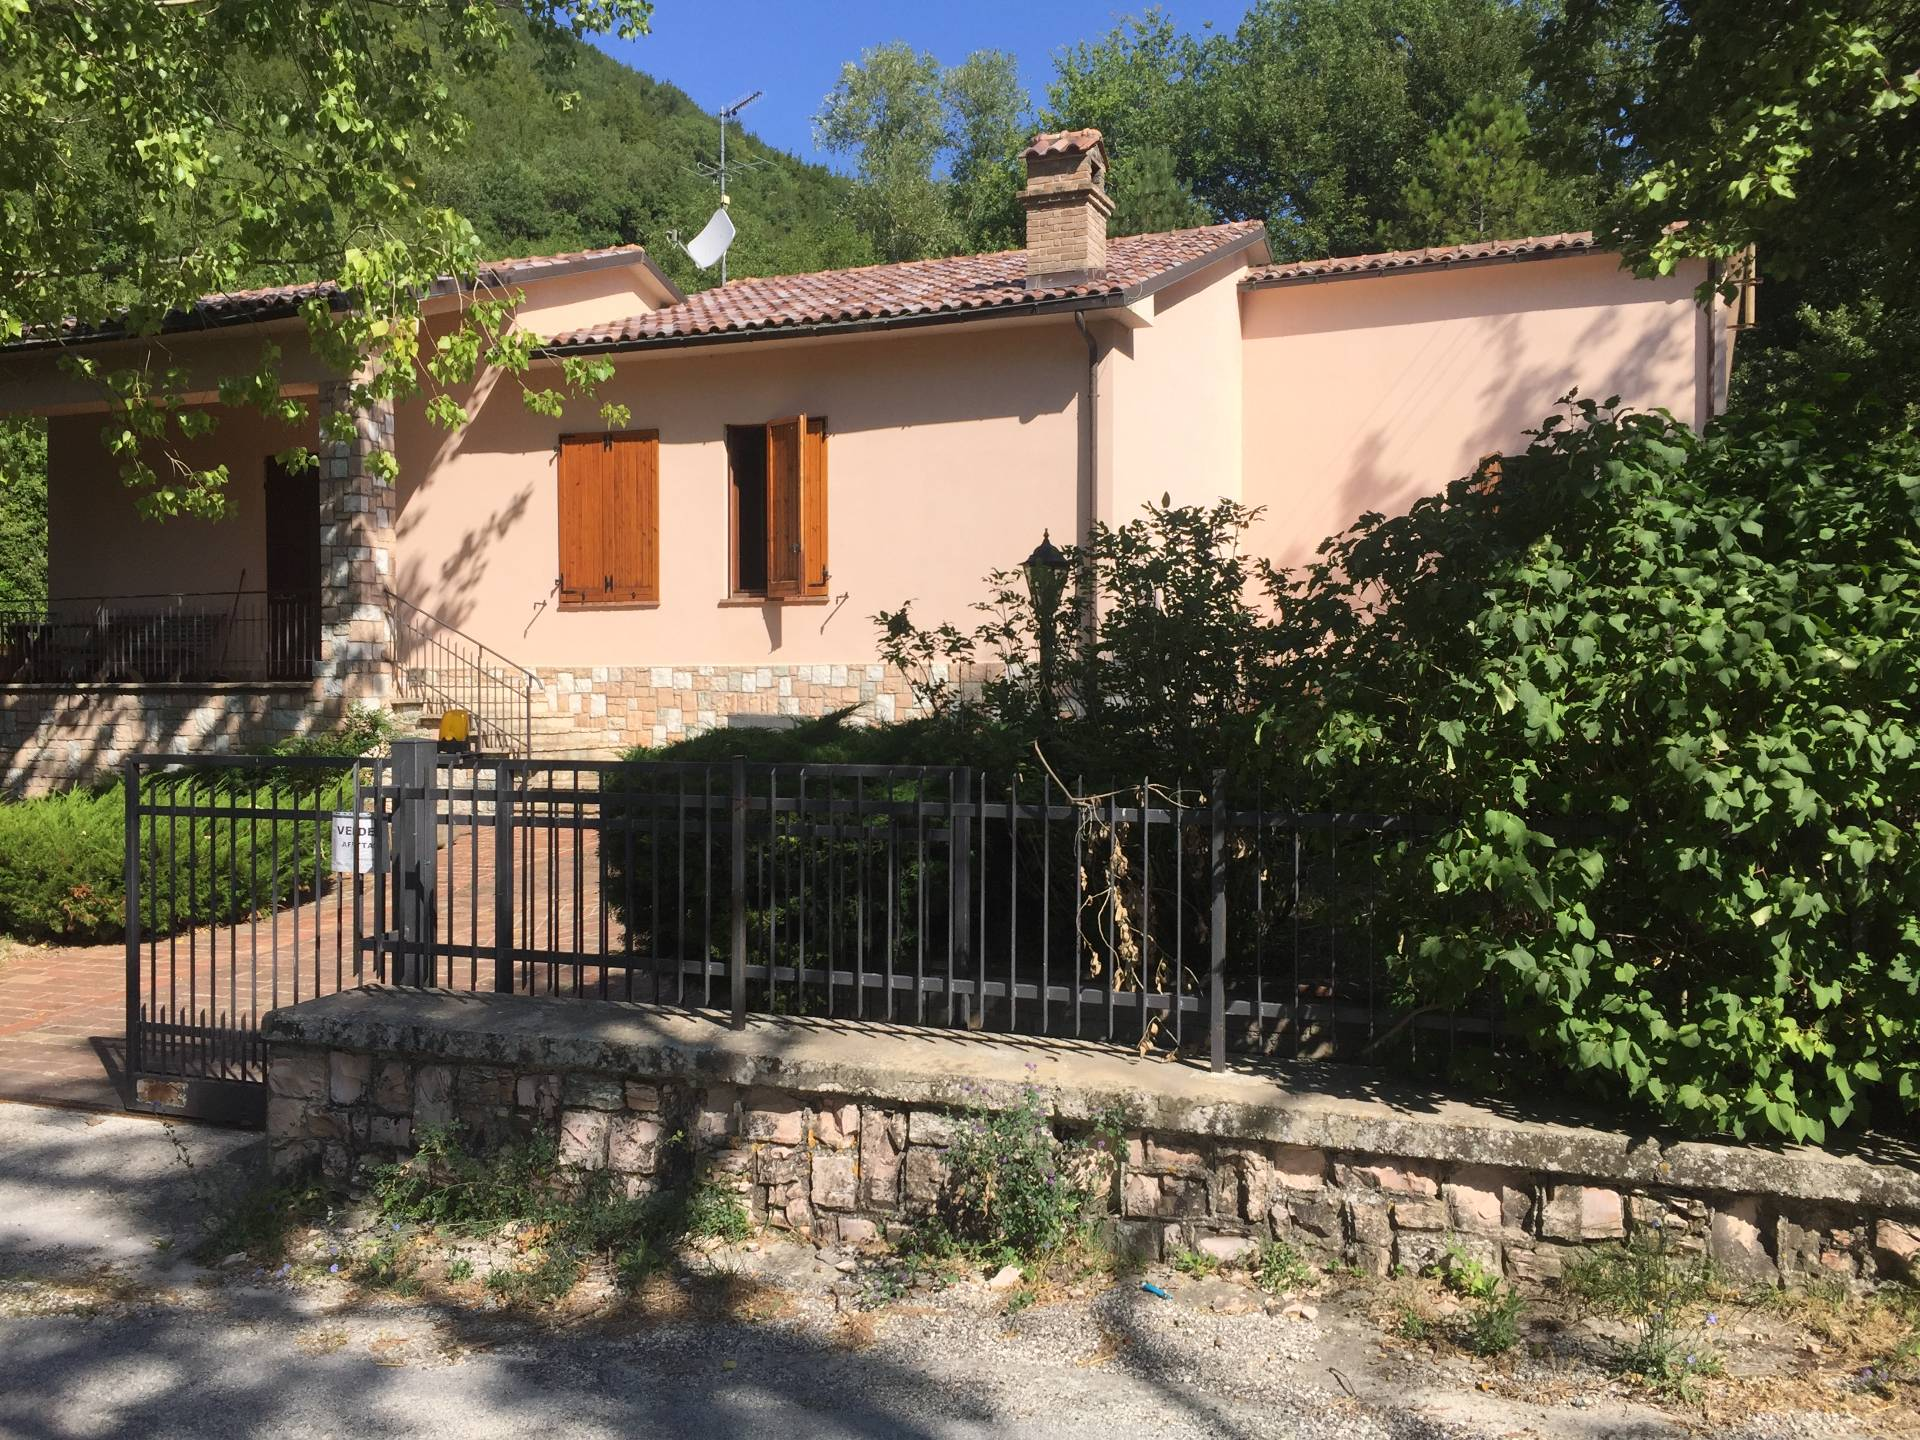 Soluzione Indipendente in vendita a Sassoferrato, 5 locali, Trattative riservate | CambioCasa.it